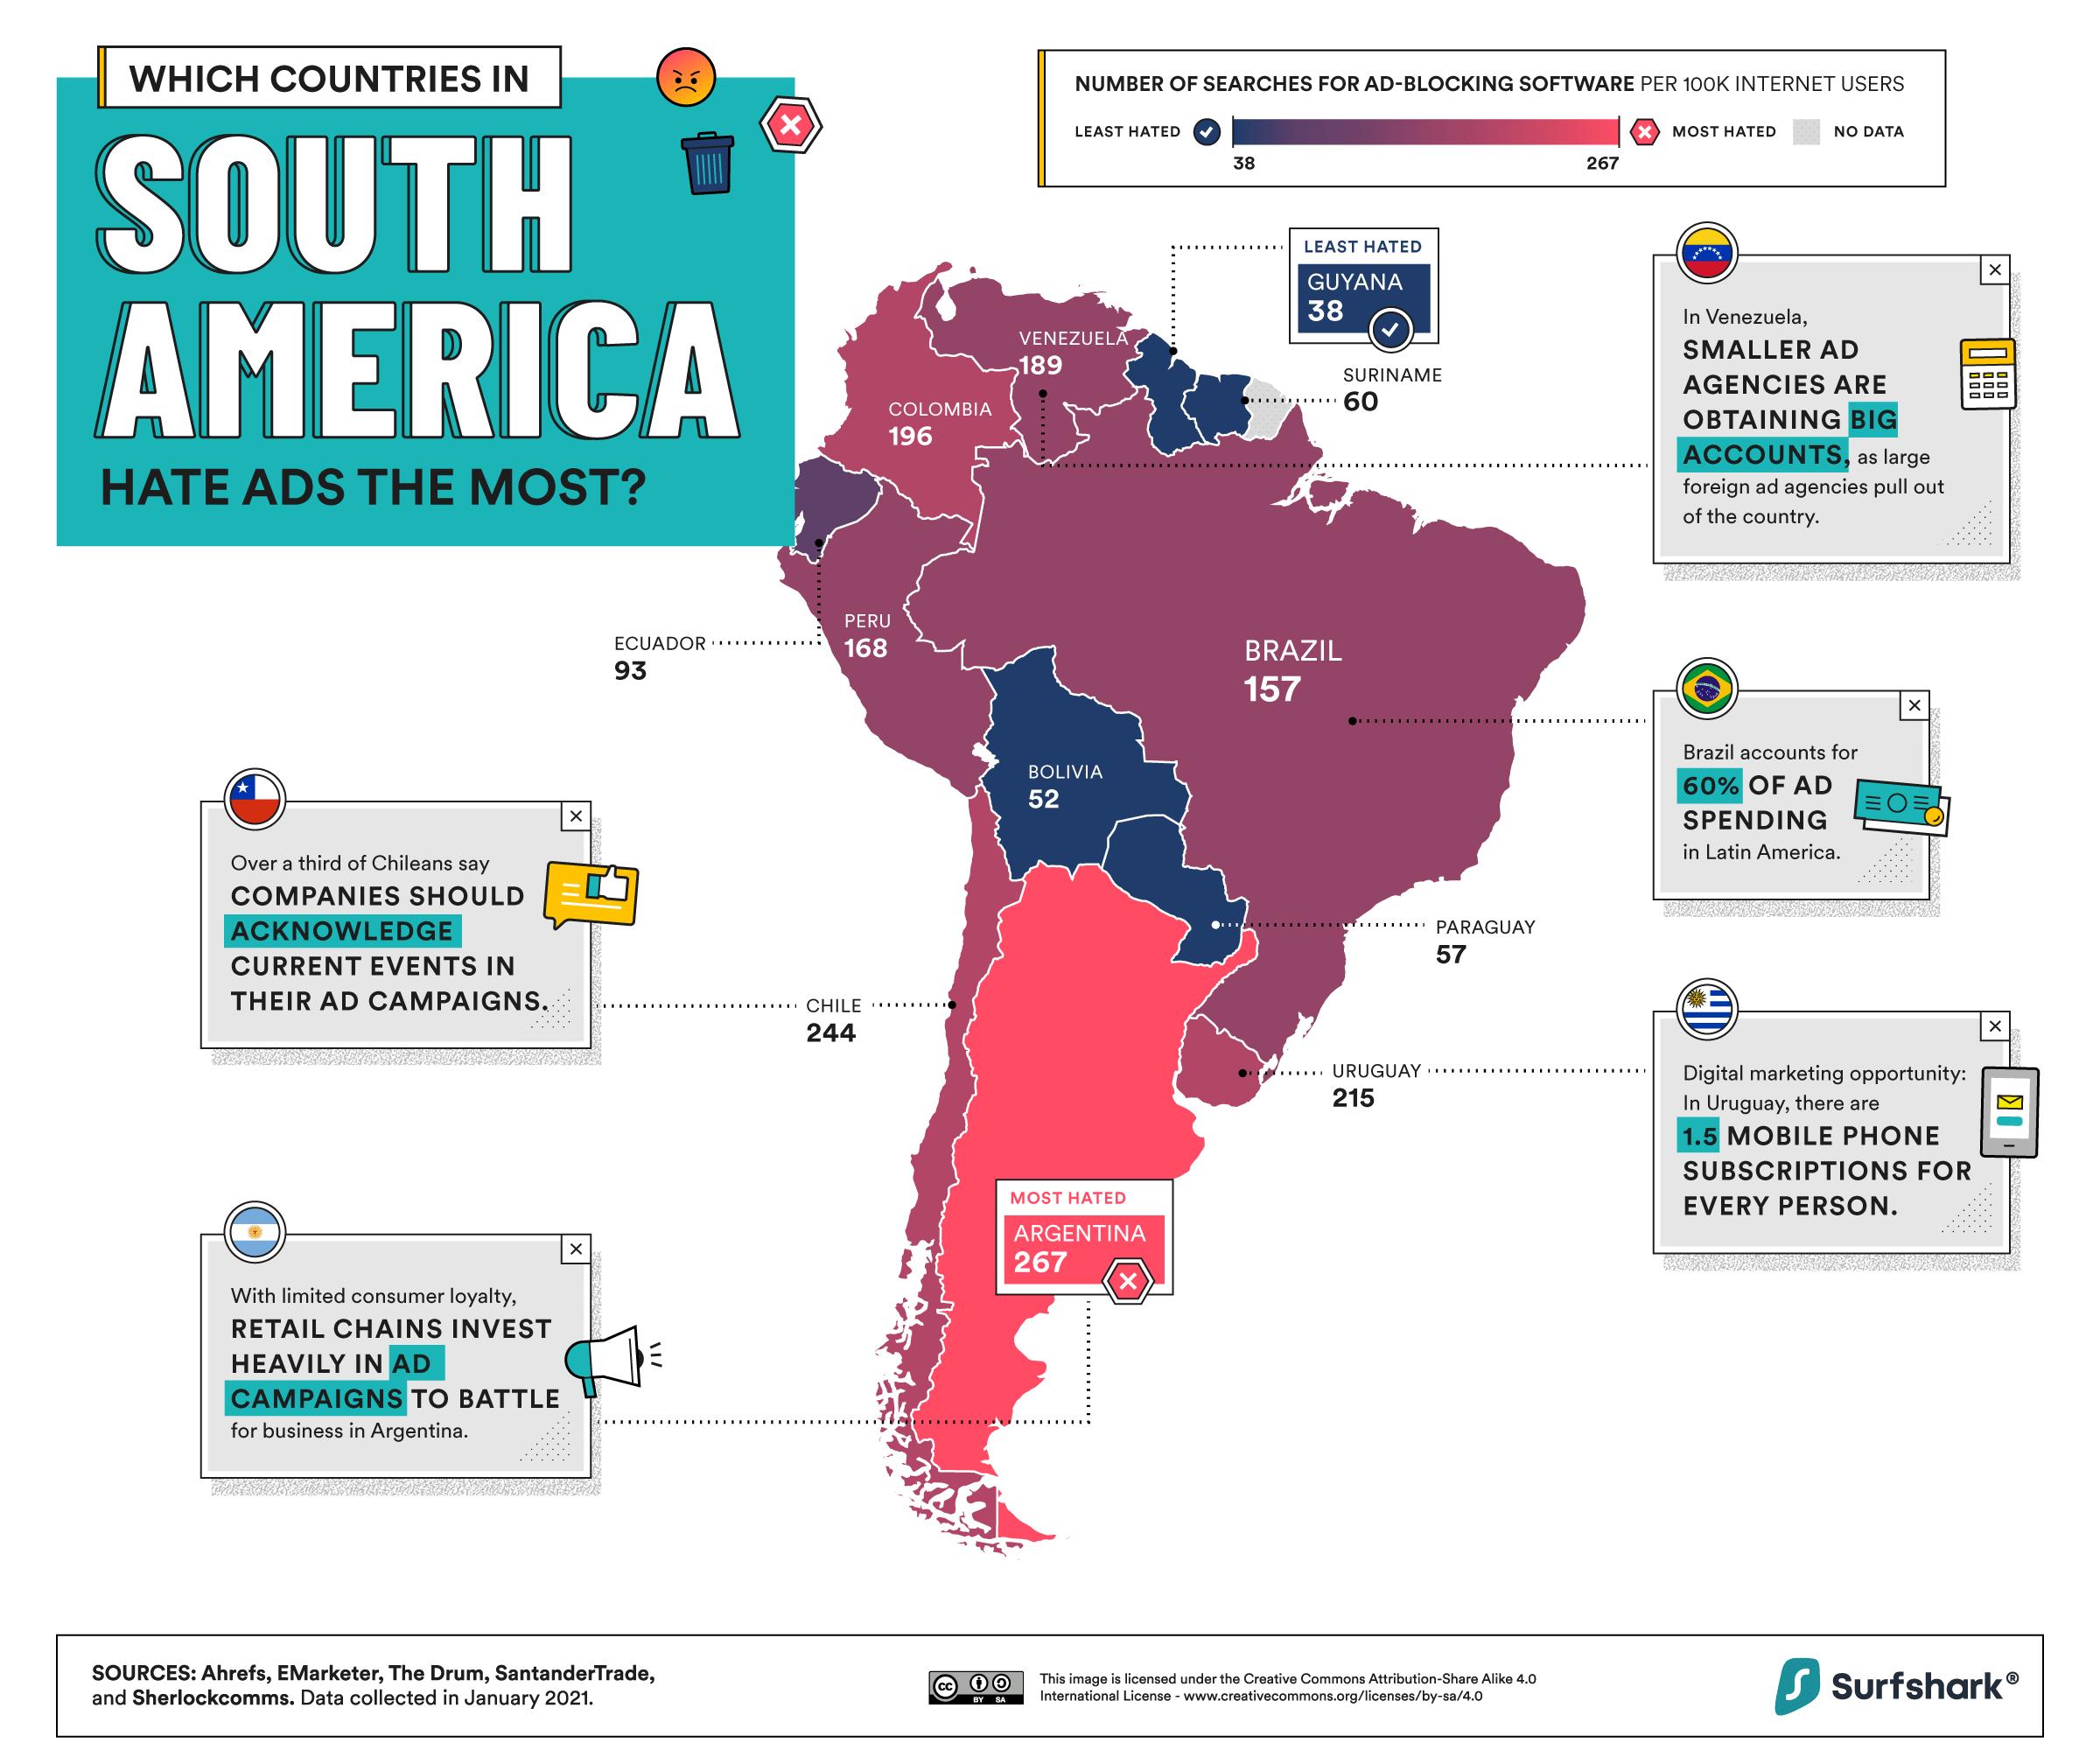 Anuncios online en Sudamérica: los argentinos son los más odiadores